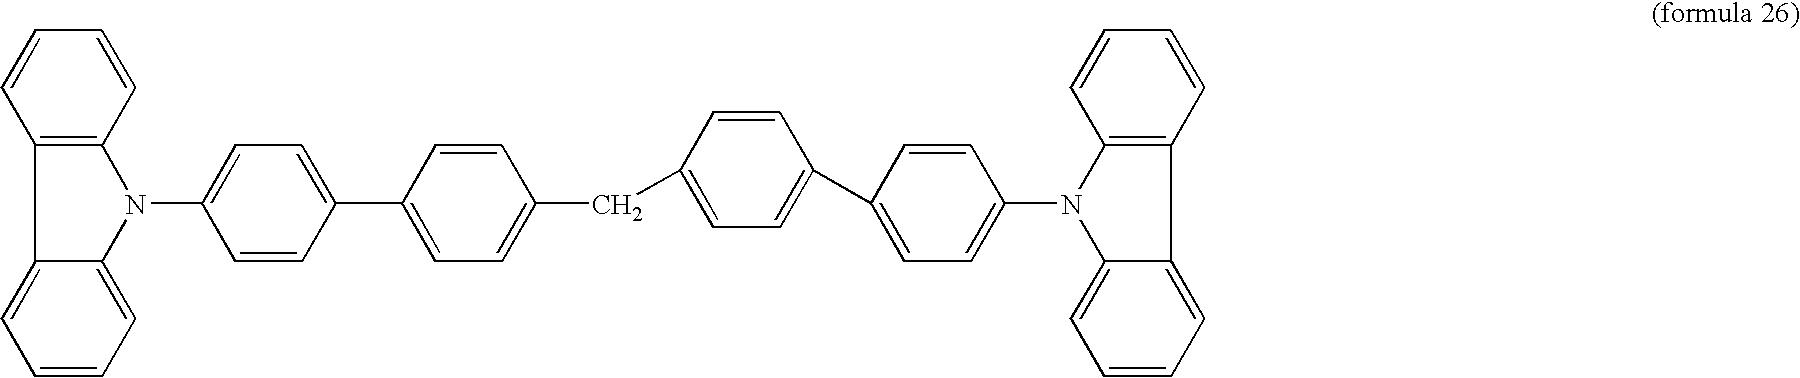 Figure US20050127826A1-20050616-C00019